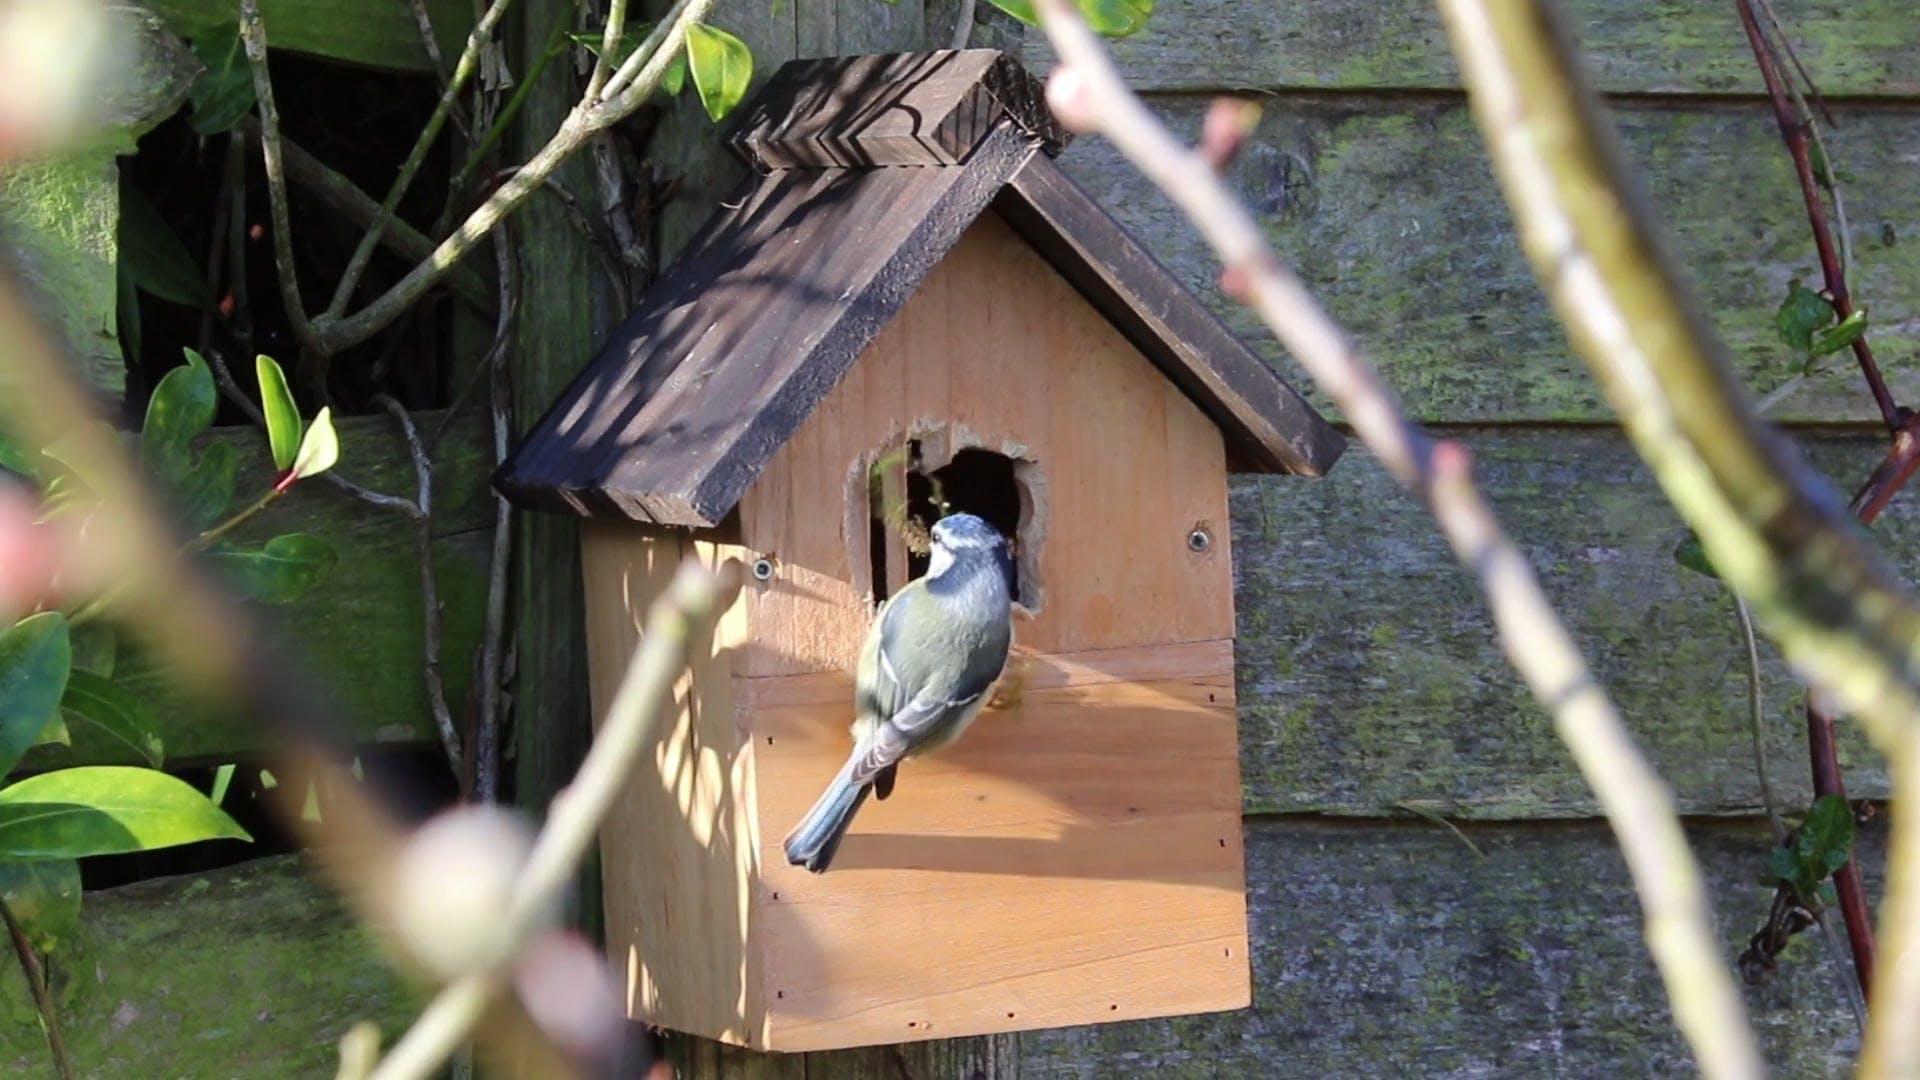 Bird Going Inside A Bird House